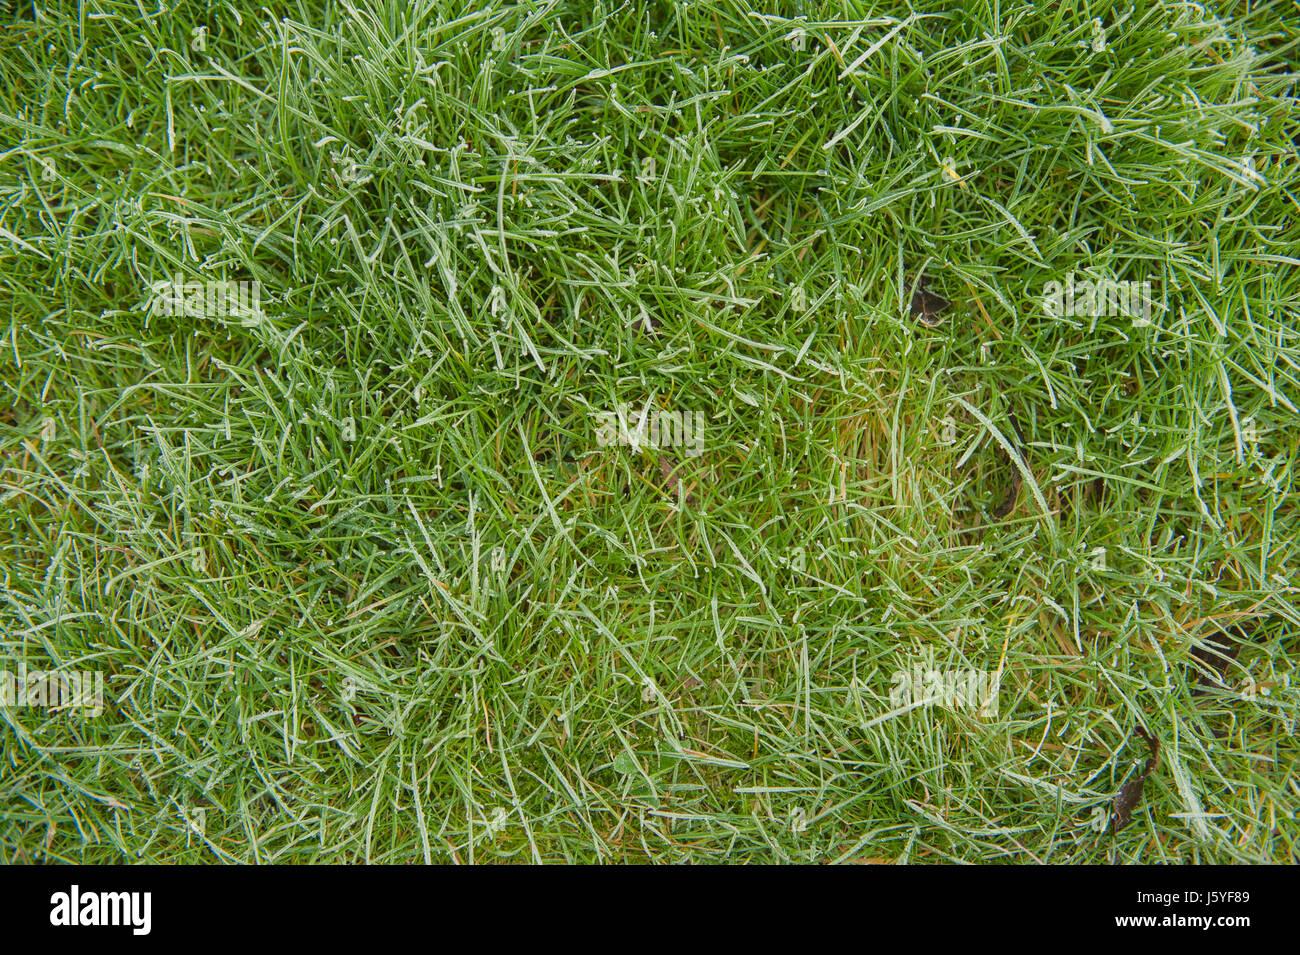 Hojas de hierba plan vista anterior Foto de stock